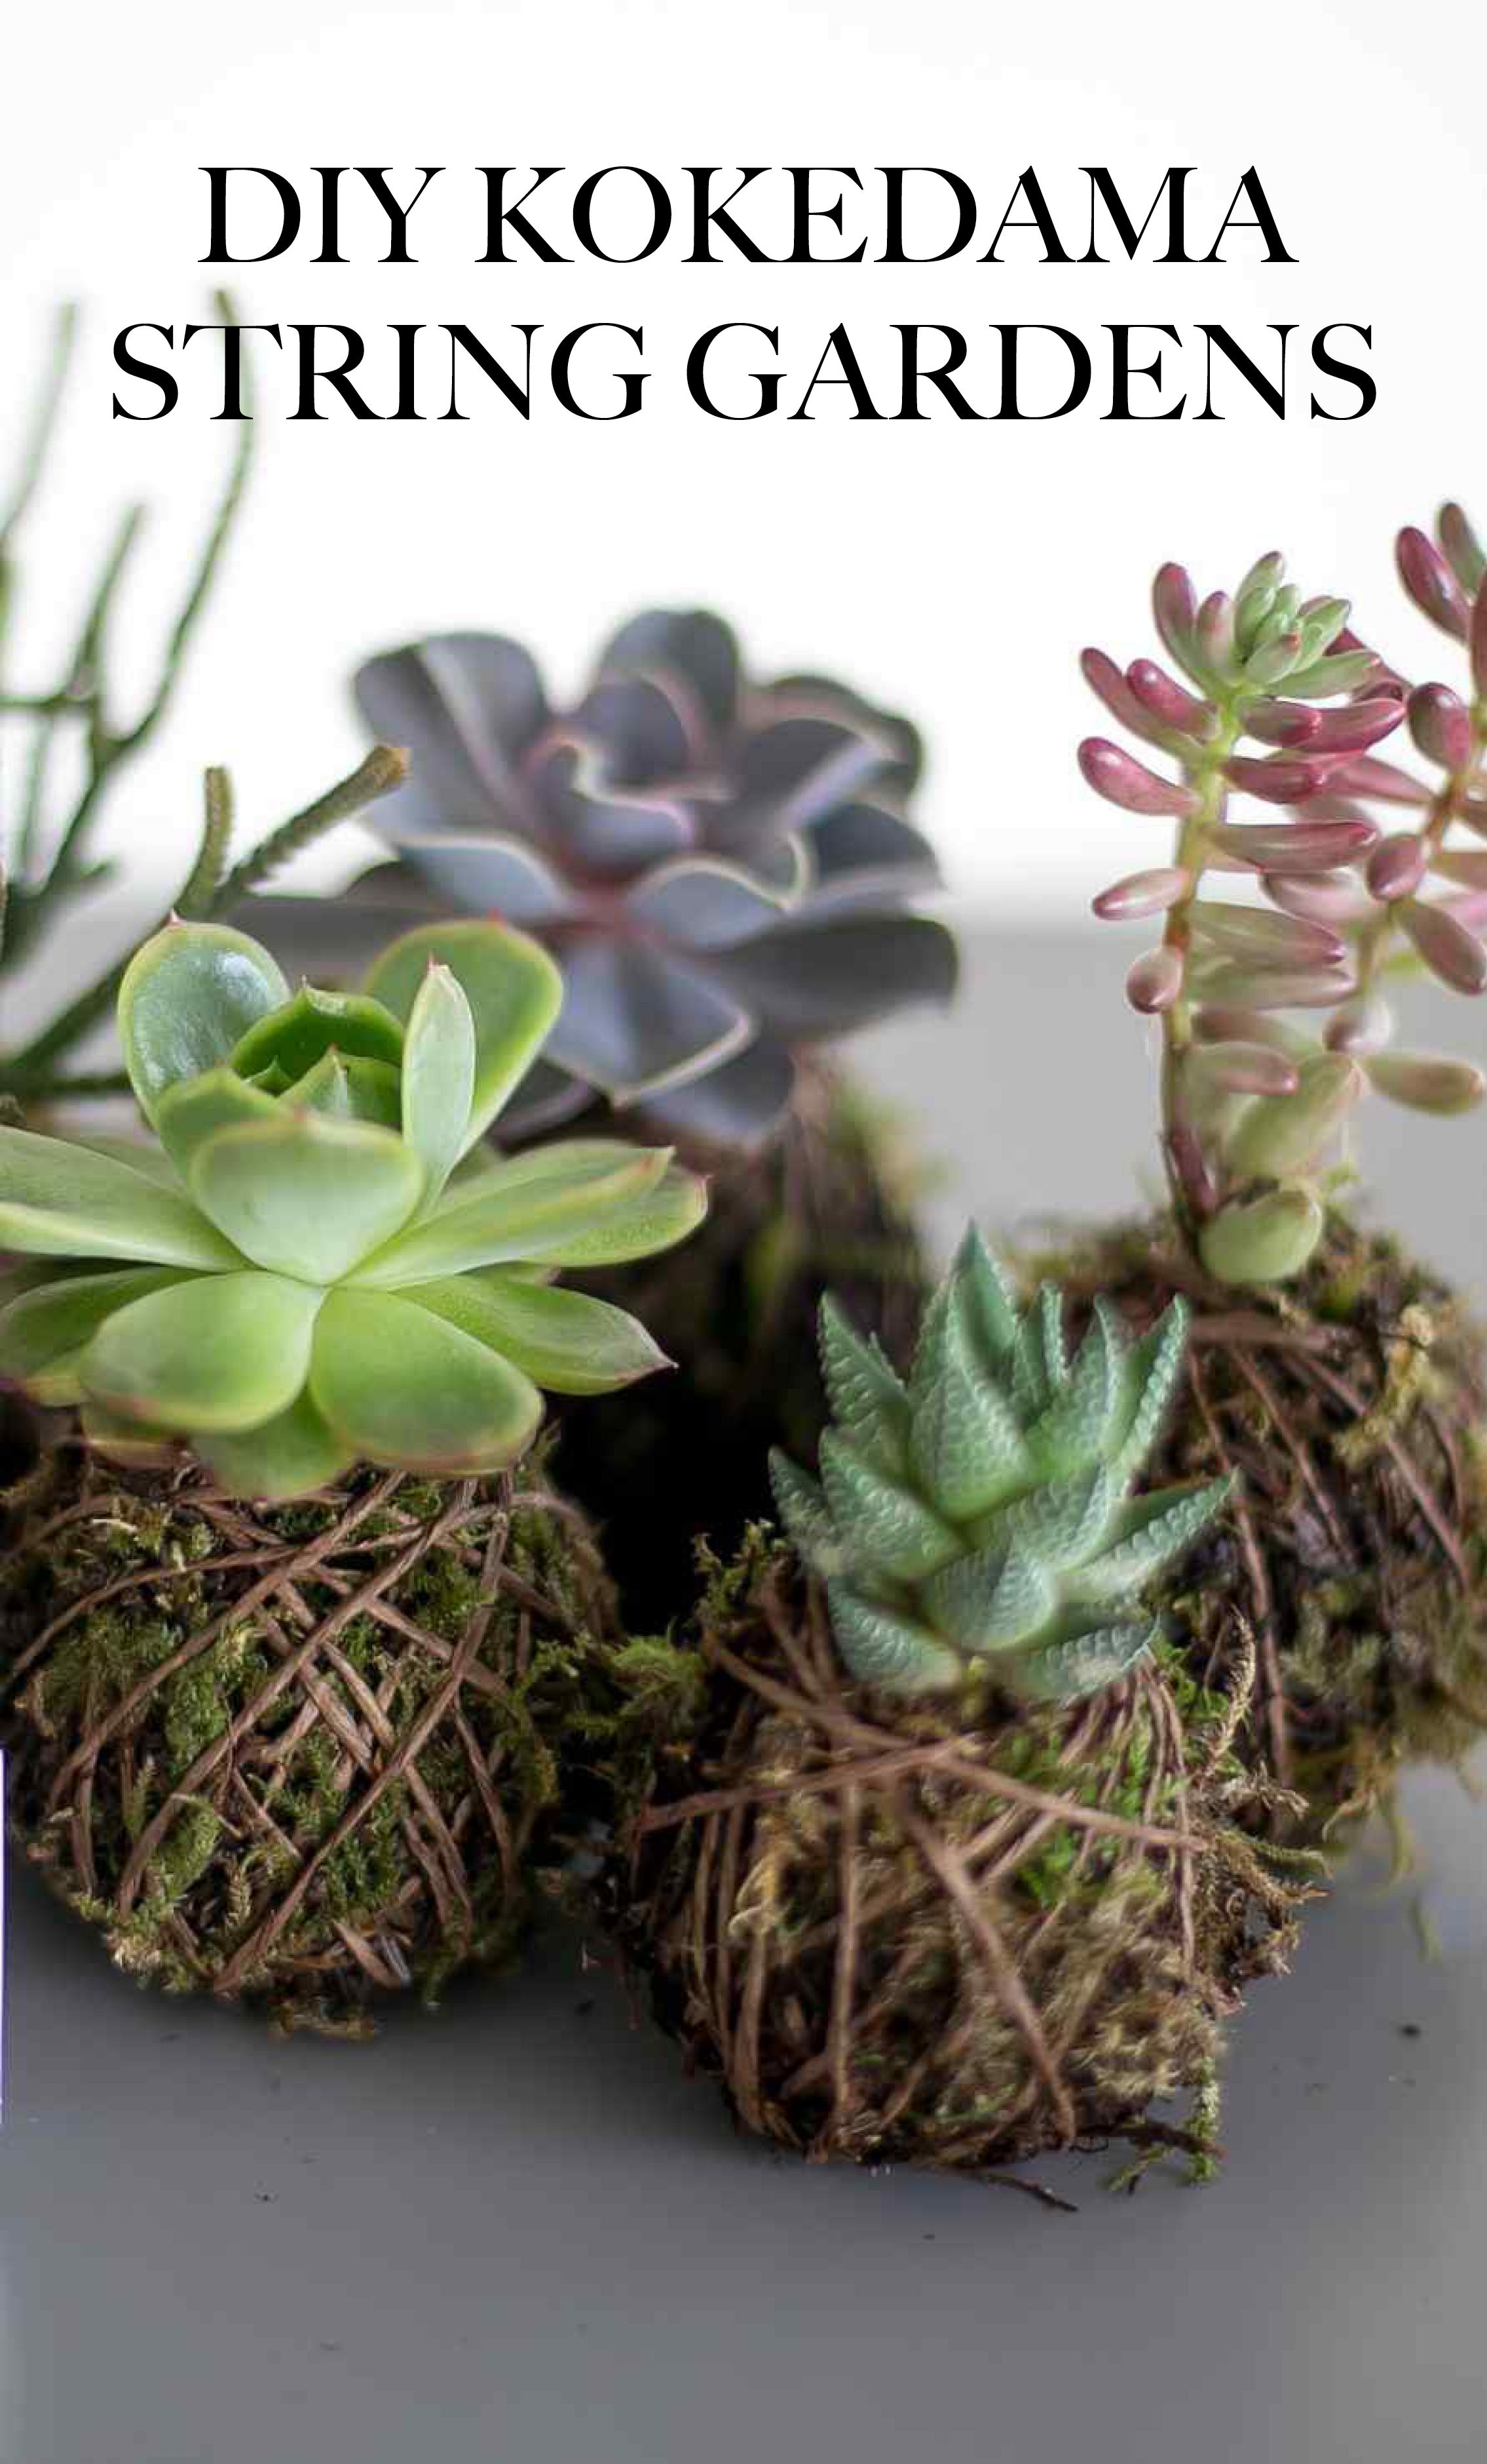 les 25 meilleures id es de la cat gorie plantas japonesas sur pinterest int rieur moderne. Black Bedroom Furniture Sets. Home Design Ideas